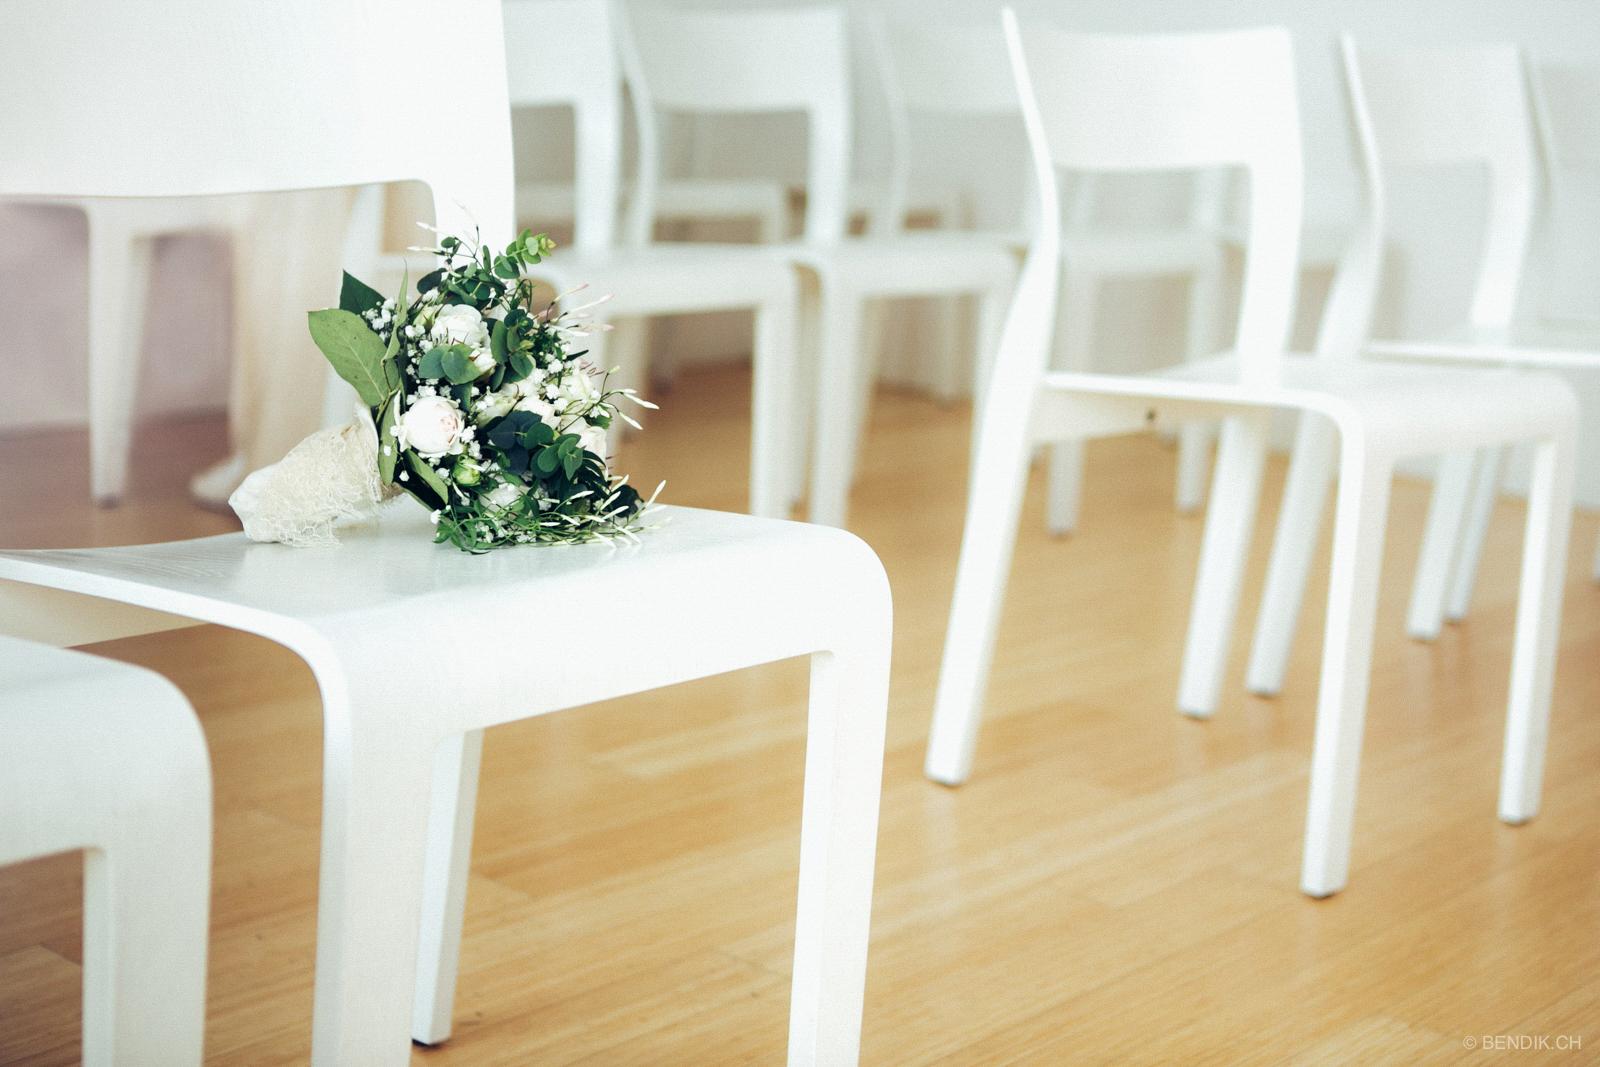 Weisse Stühle im Trauzimmer mit grün-weissem Brautstrauss